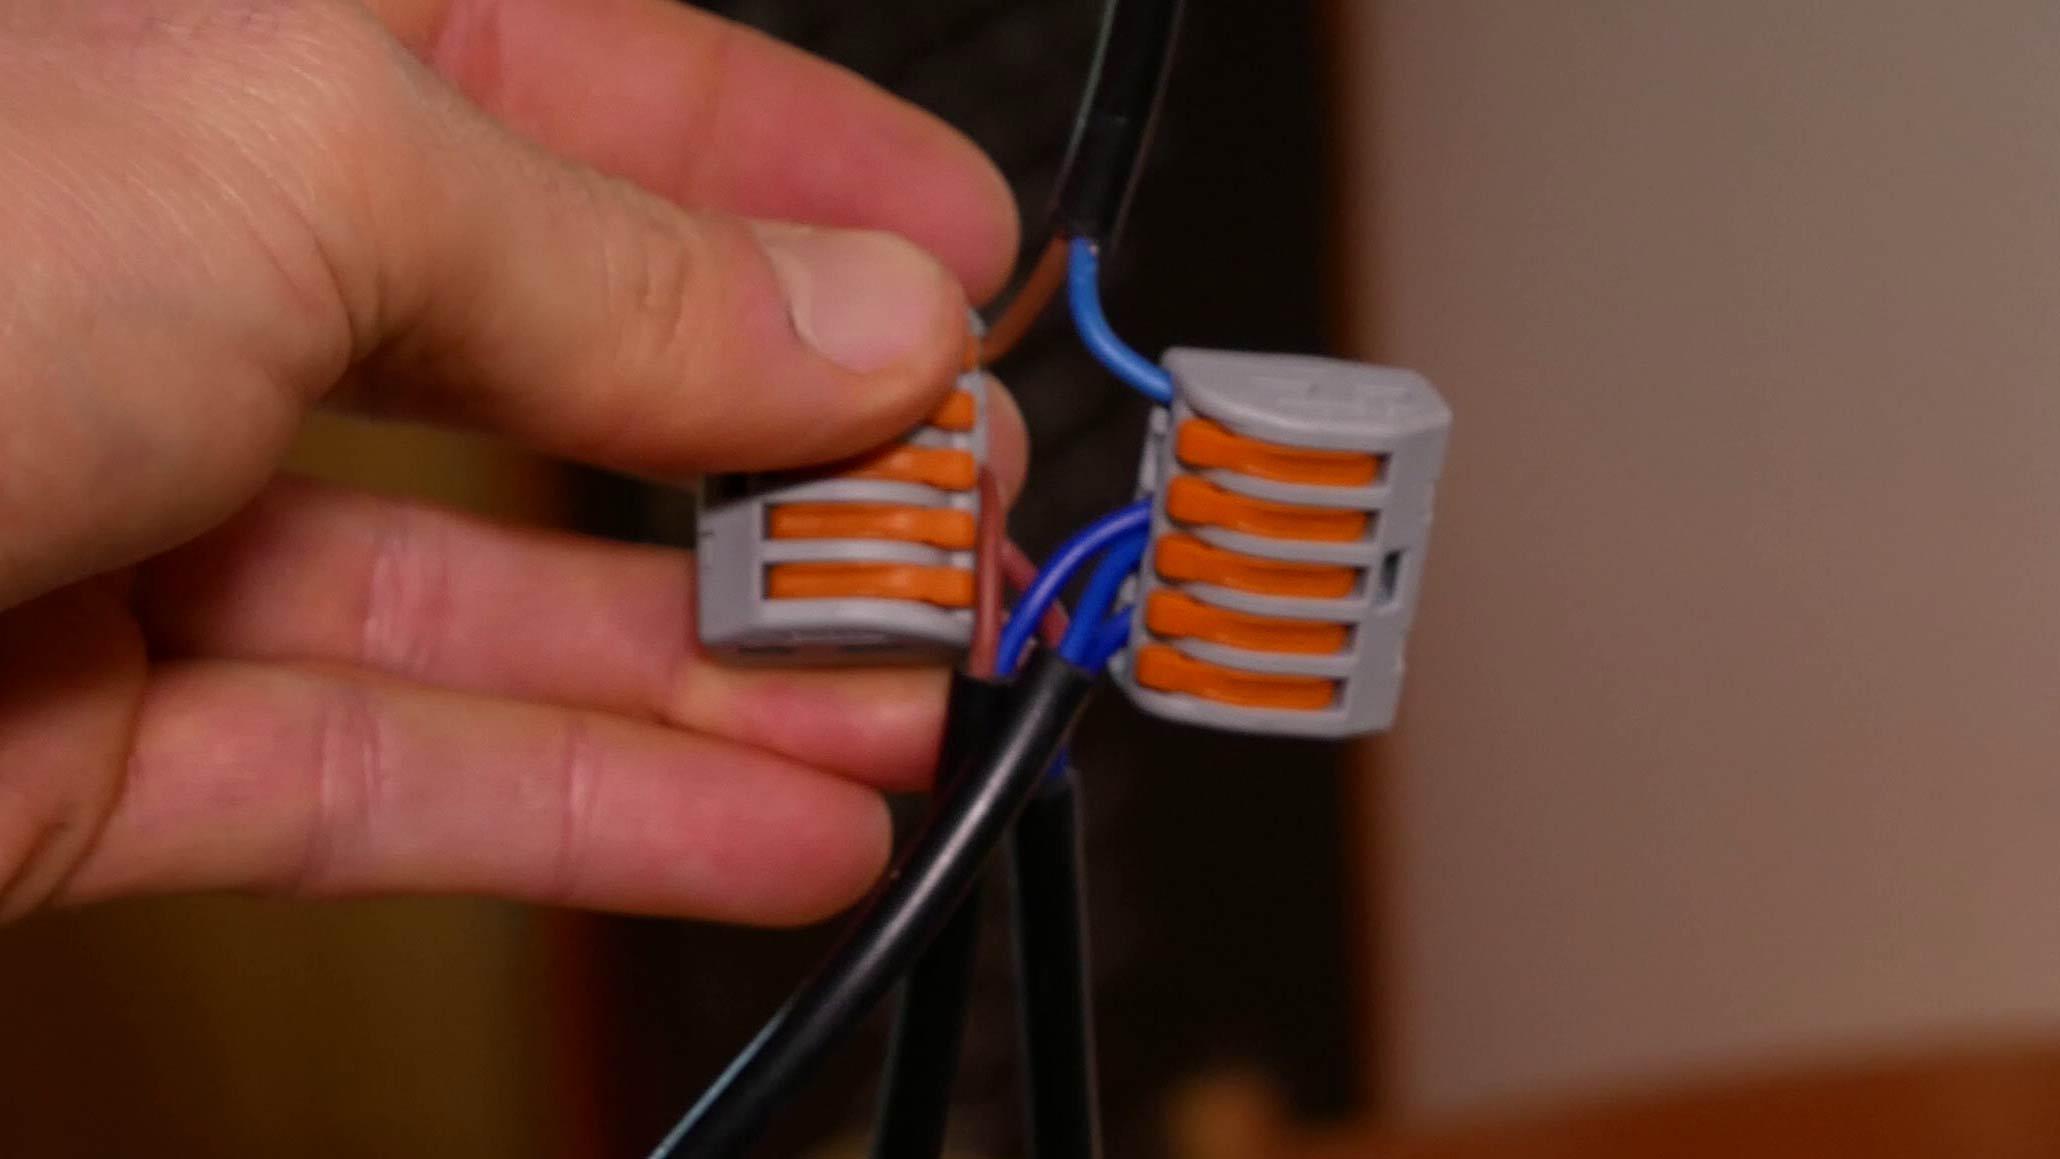 Außenleiter und Neutralleiter müssen richtig in der Wago Klemme angeschlossen sein, um eine Lampe mit mehreren Glühbirnen parallel zu schalten